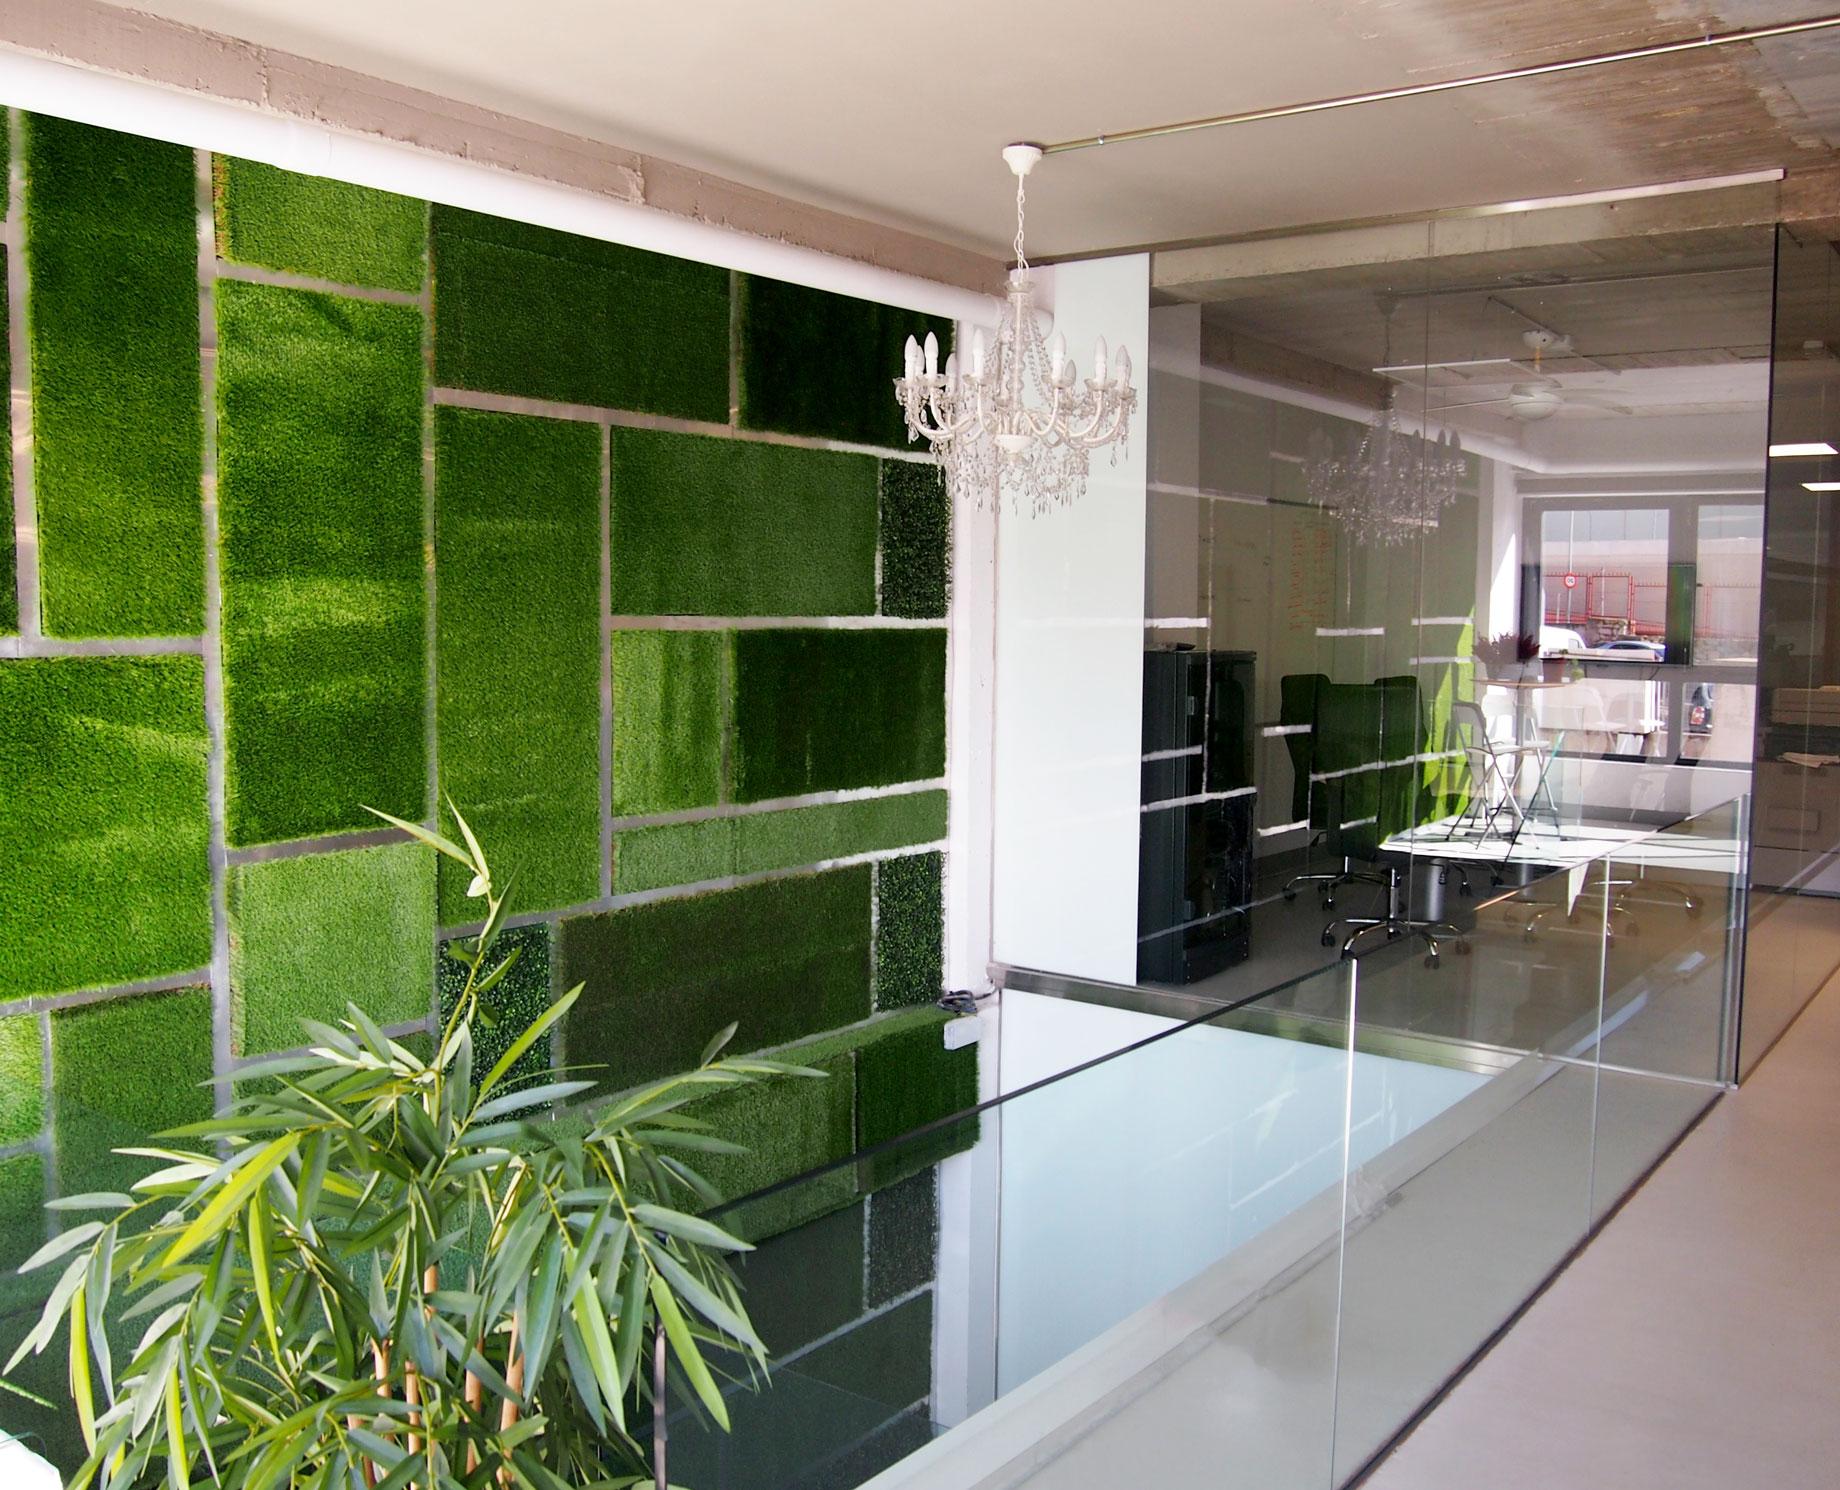 Dise o de oficina proyectos llorente arquitectura interior for Proyecto oficina